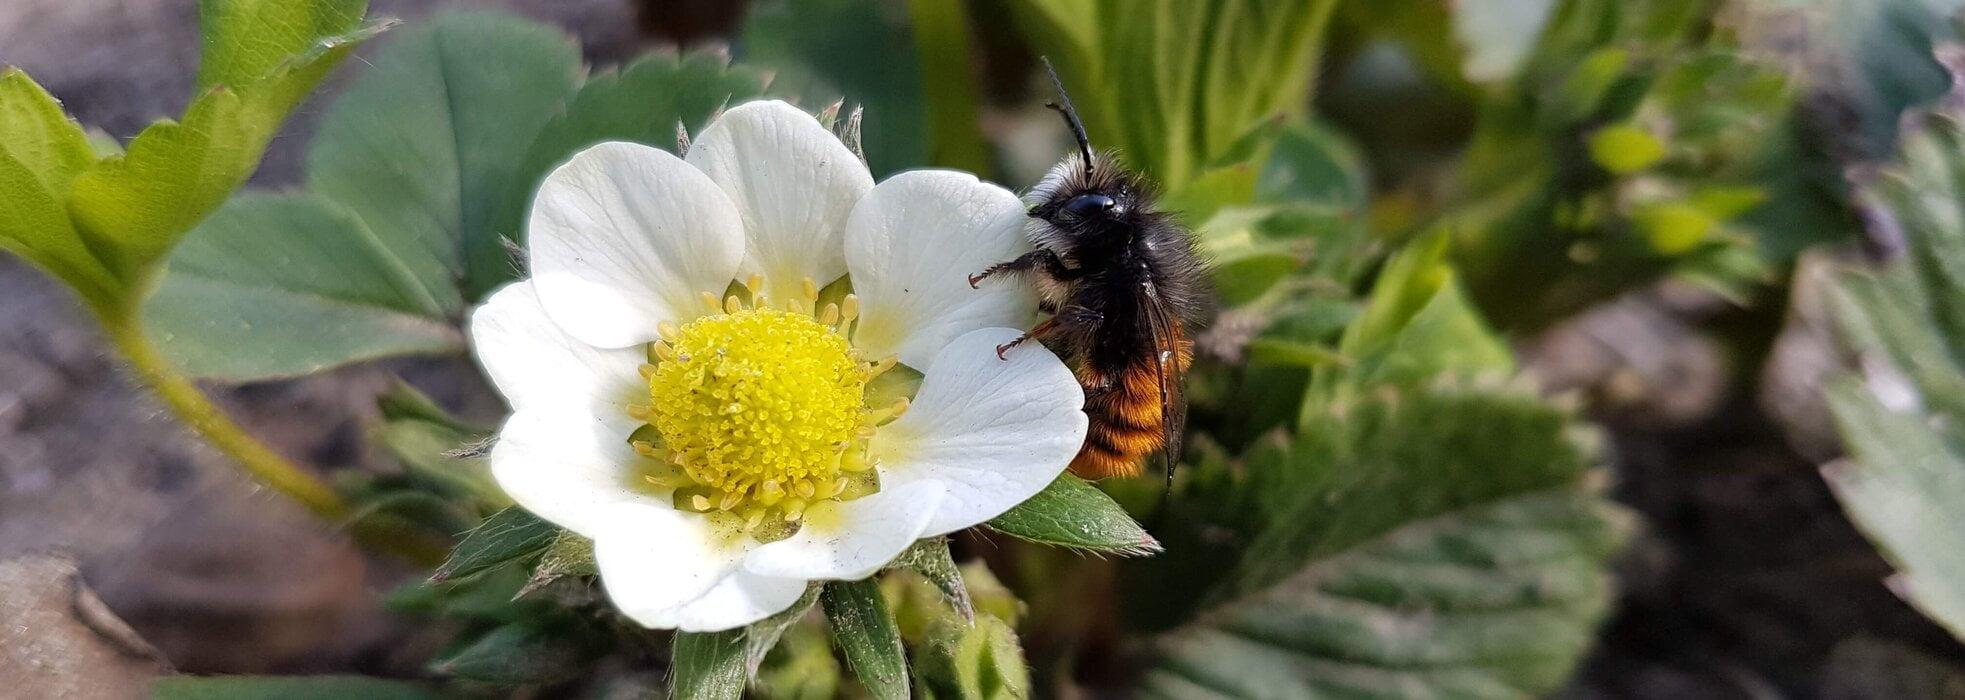 bestaeubung gehörnte-mauerbiene-an-erdbeerblüte